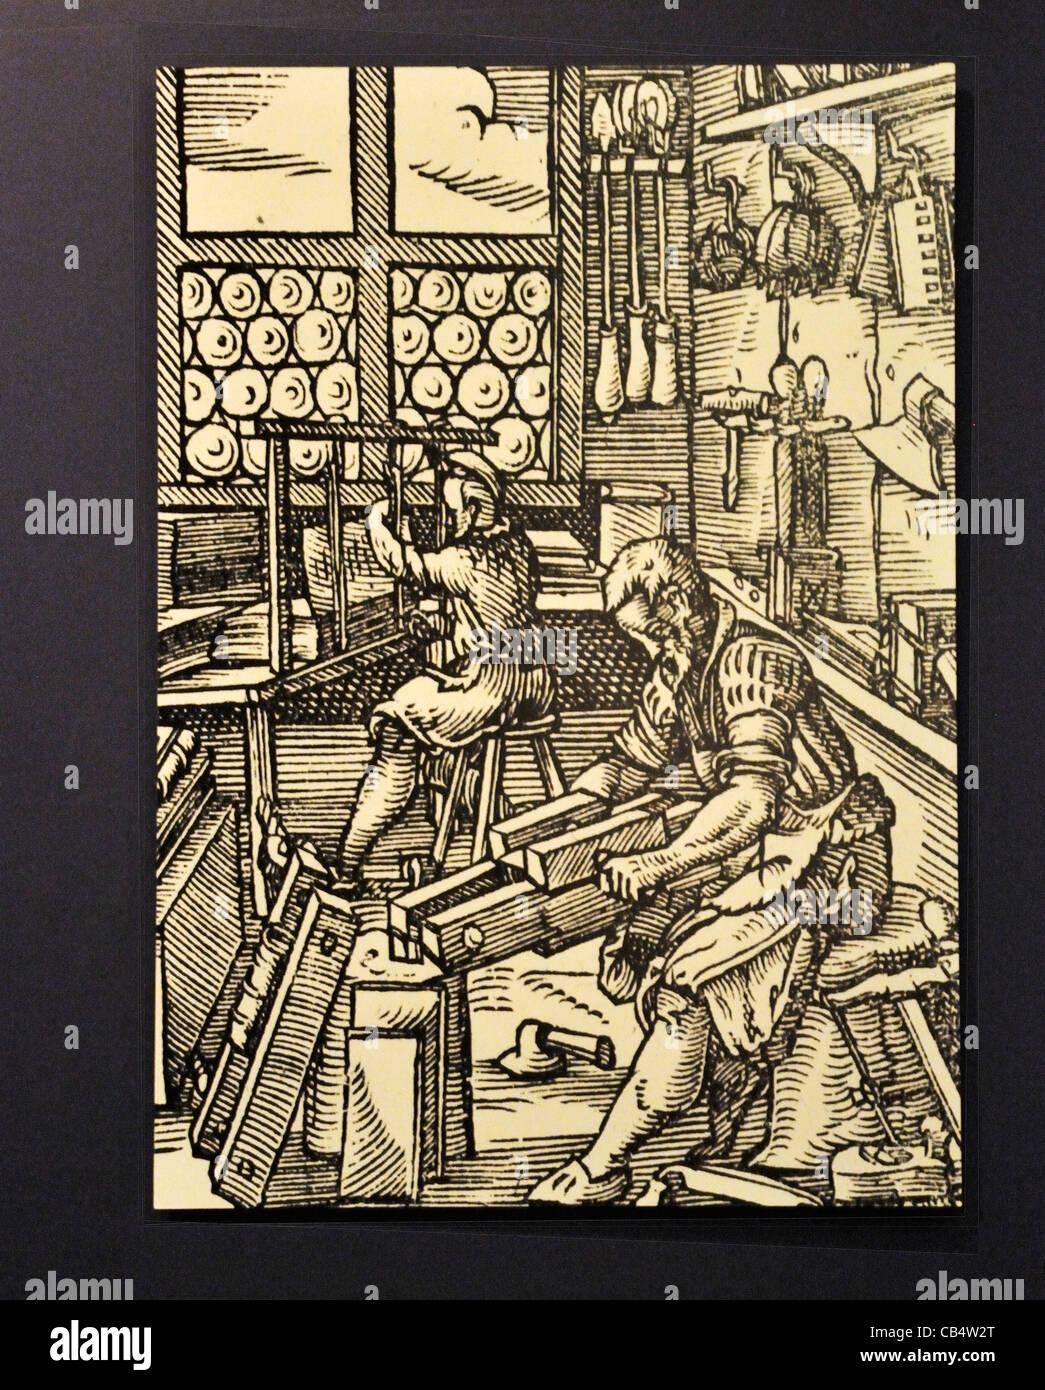 Uma xilogravura em exibição na biblioteca de Huntington, Pasadena, Califórnia Imagens de Stock